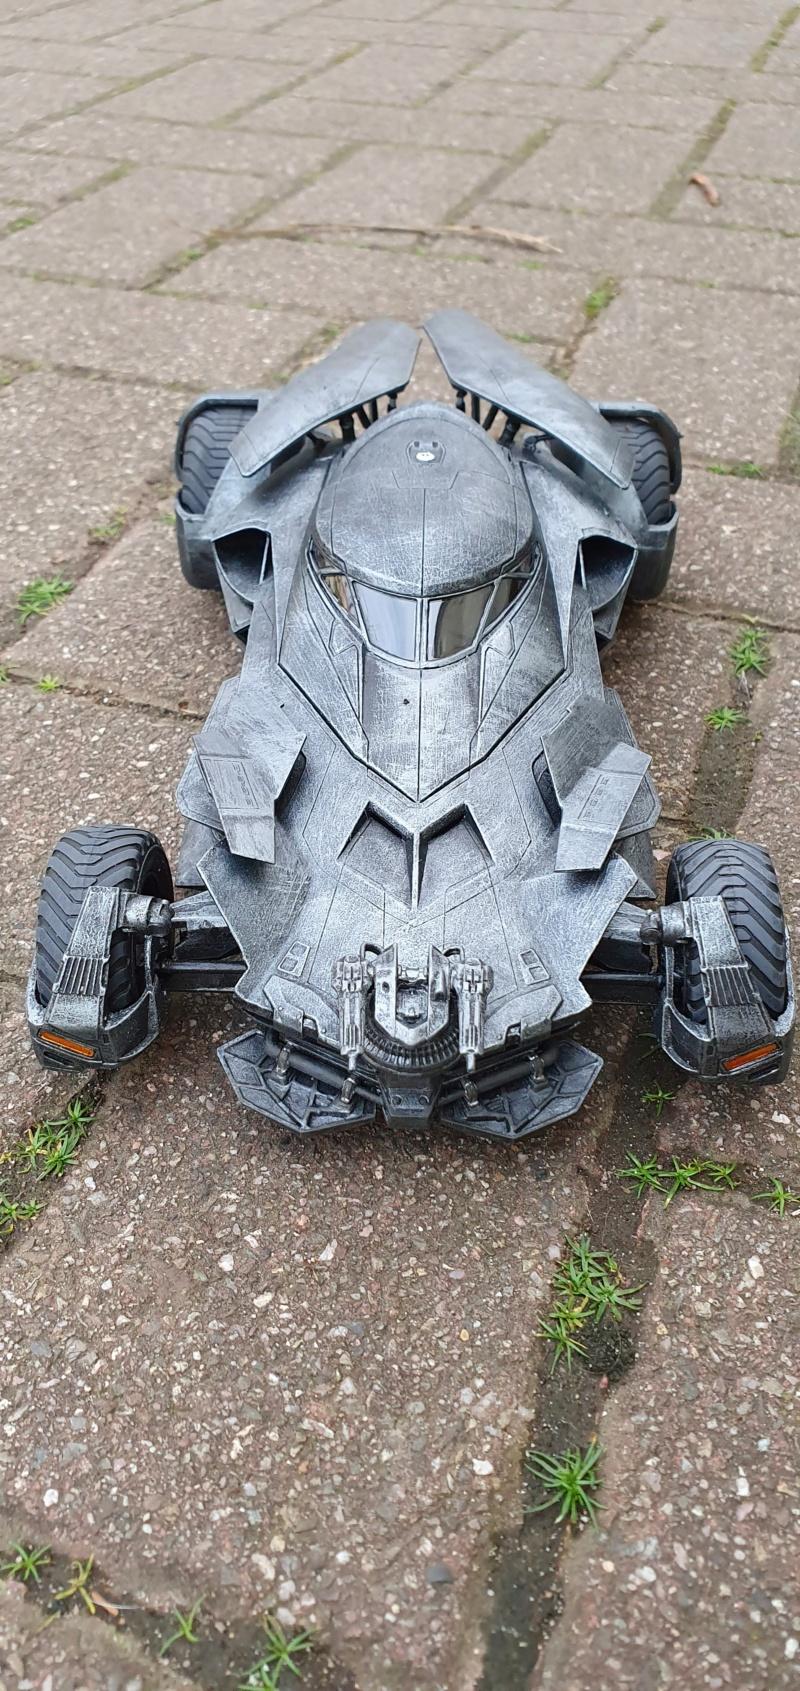 Batmobil aus Suicide Squad / Möbius, 1:25 - Seite 2 20200349